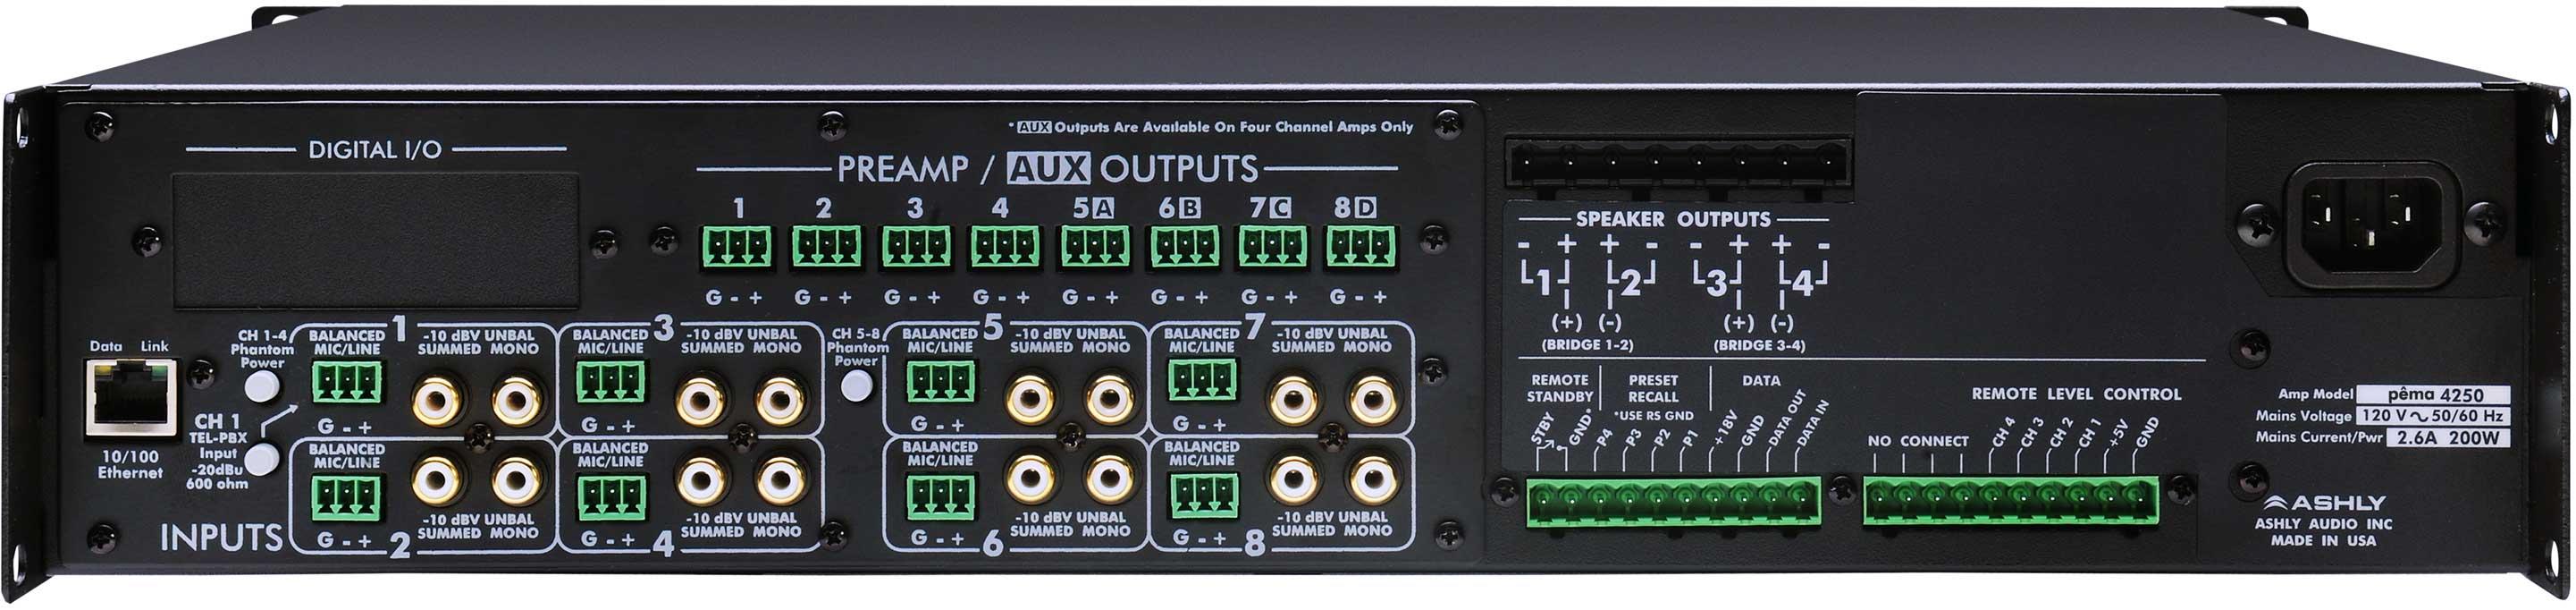 Power Amplifier, 4x125W @ 70V, w/8x8 DSP Matrix